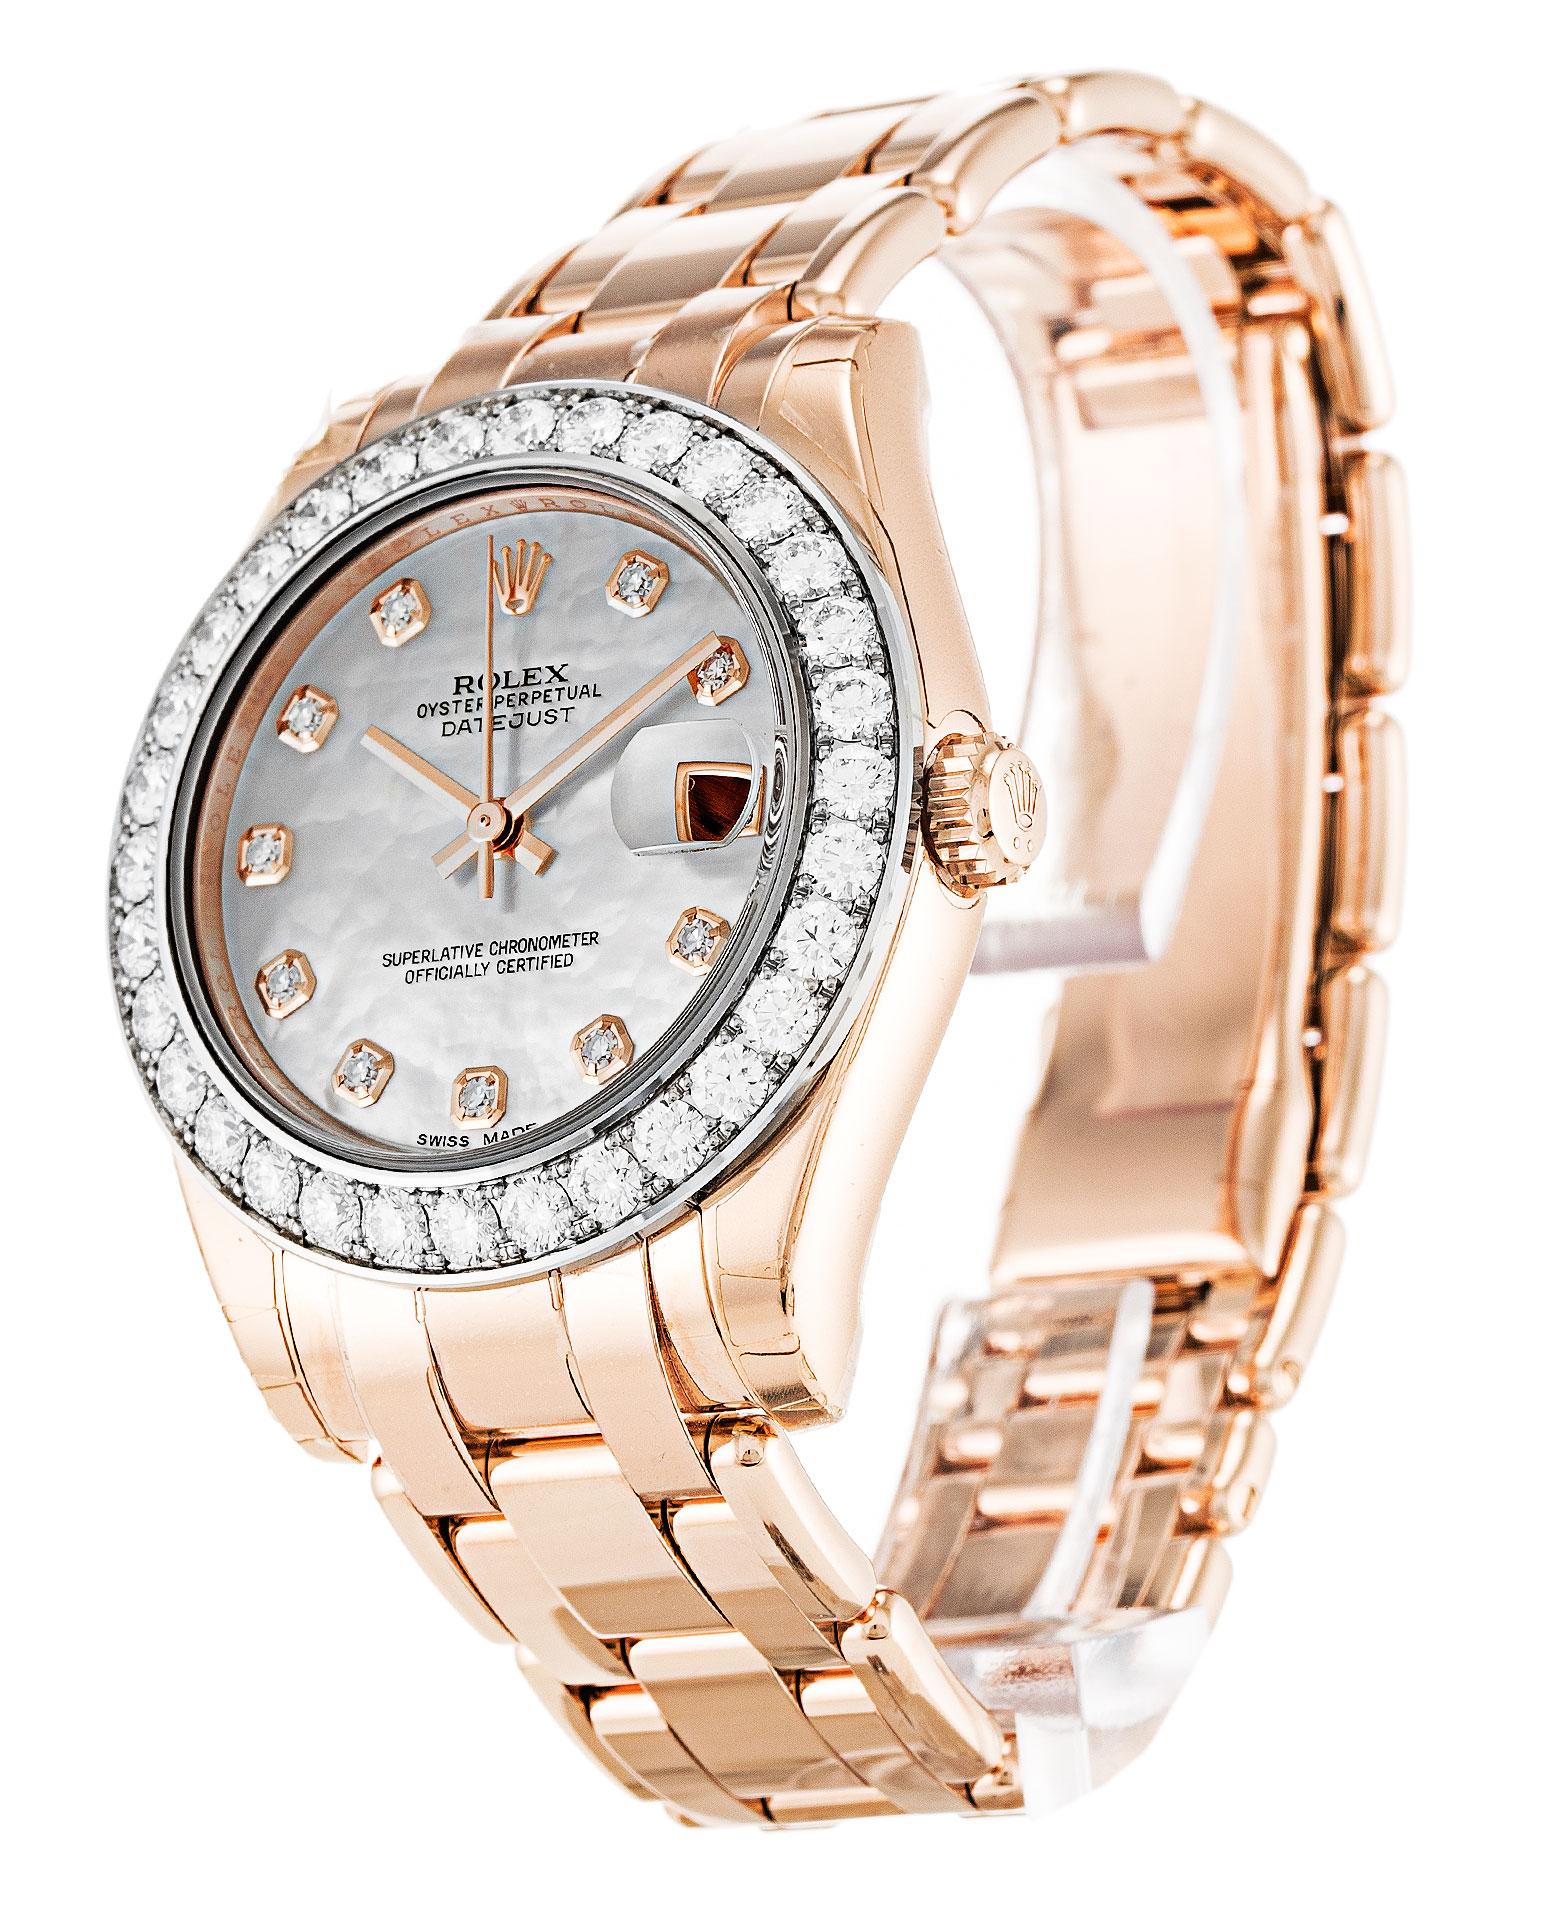 ac65f938ca6 Relógios Rolex Vintage consistem em cristais acrílicos sobre eles e  enquanto muitos podem assumir que o cristal de safira é naturalmente muito  melhor